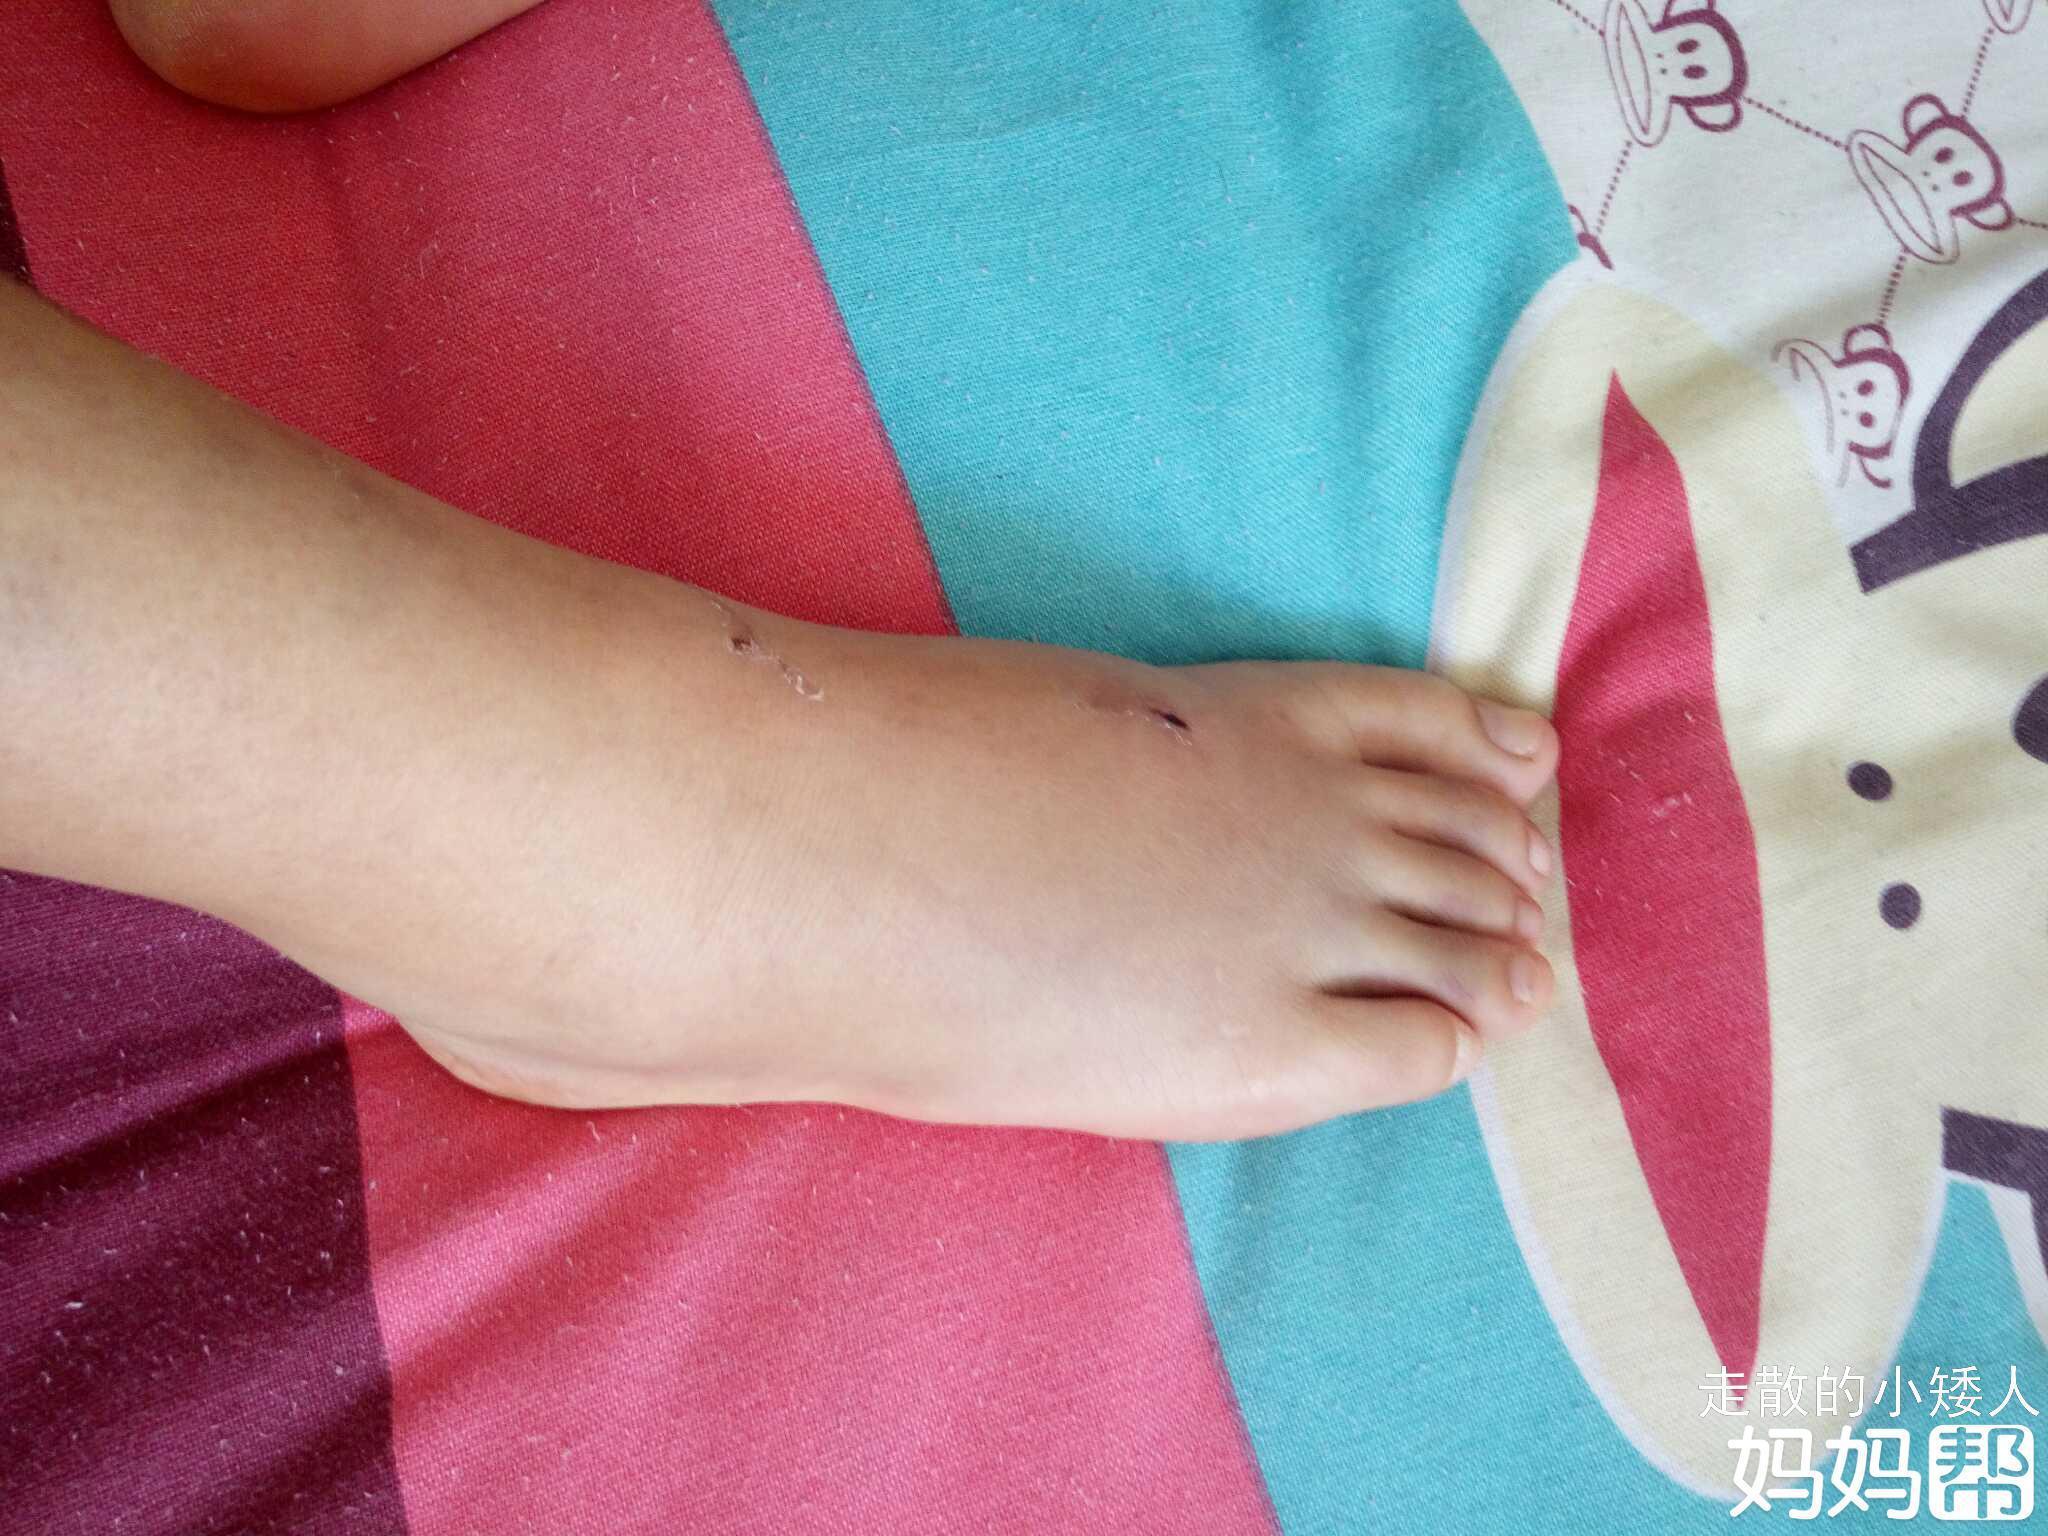 夏天脚肿是什么原因 夏季久坐脚肿了怎么办 - 爱秀美